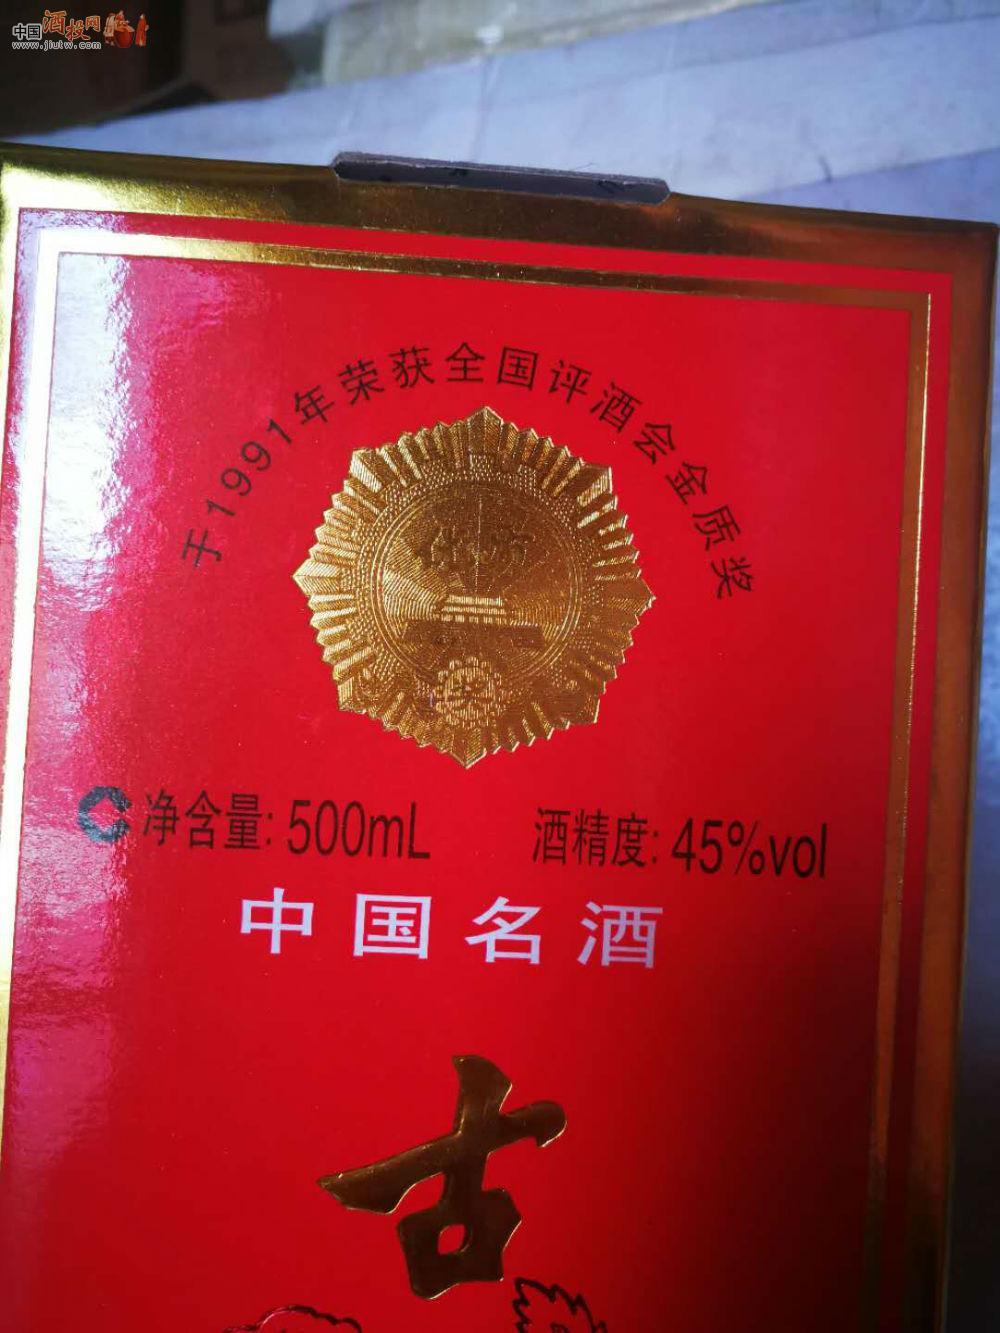 [已售]11年贡酒标志15件带中国古井名酒-陈国外知名v贡酒vi公司图片